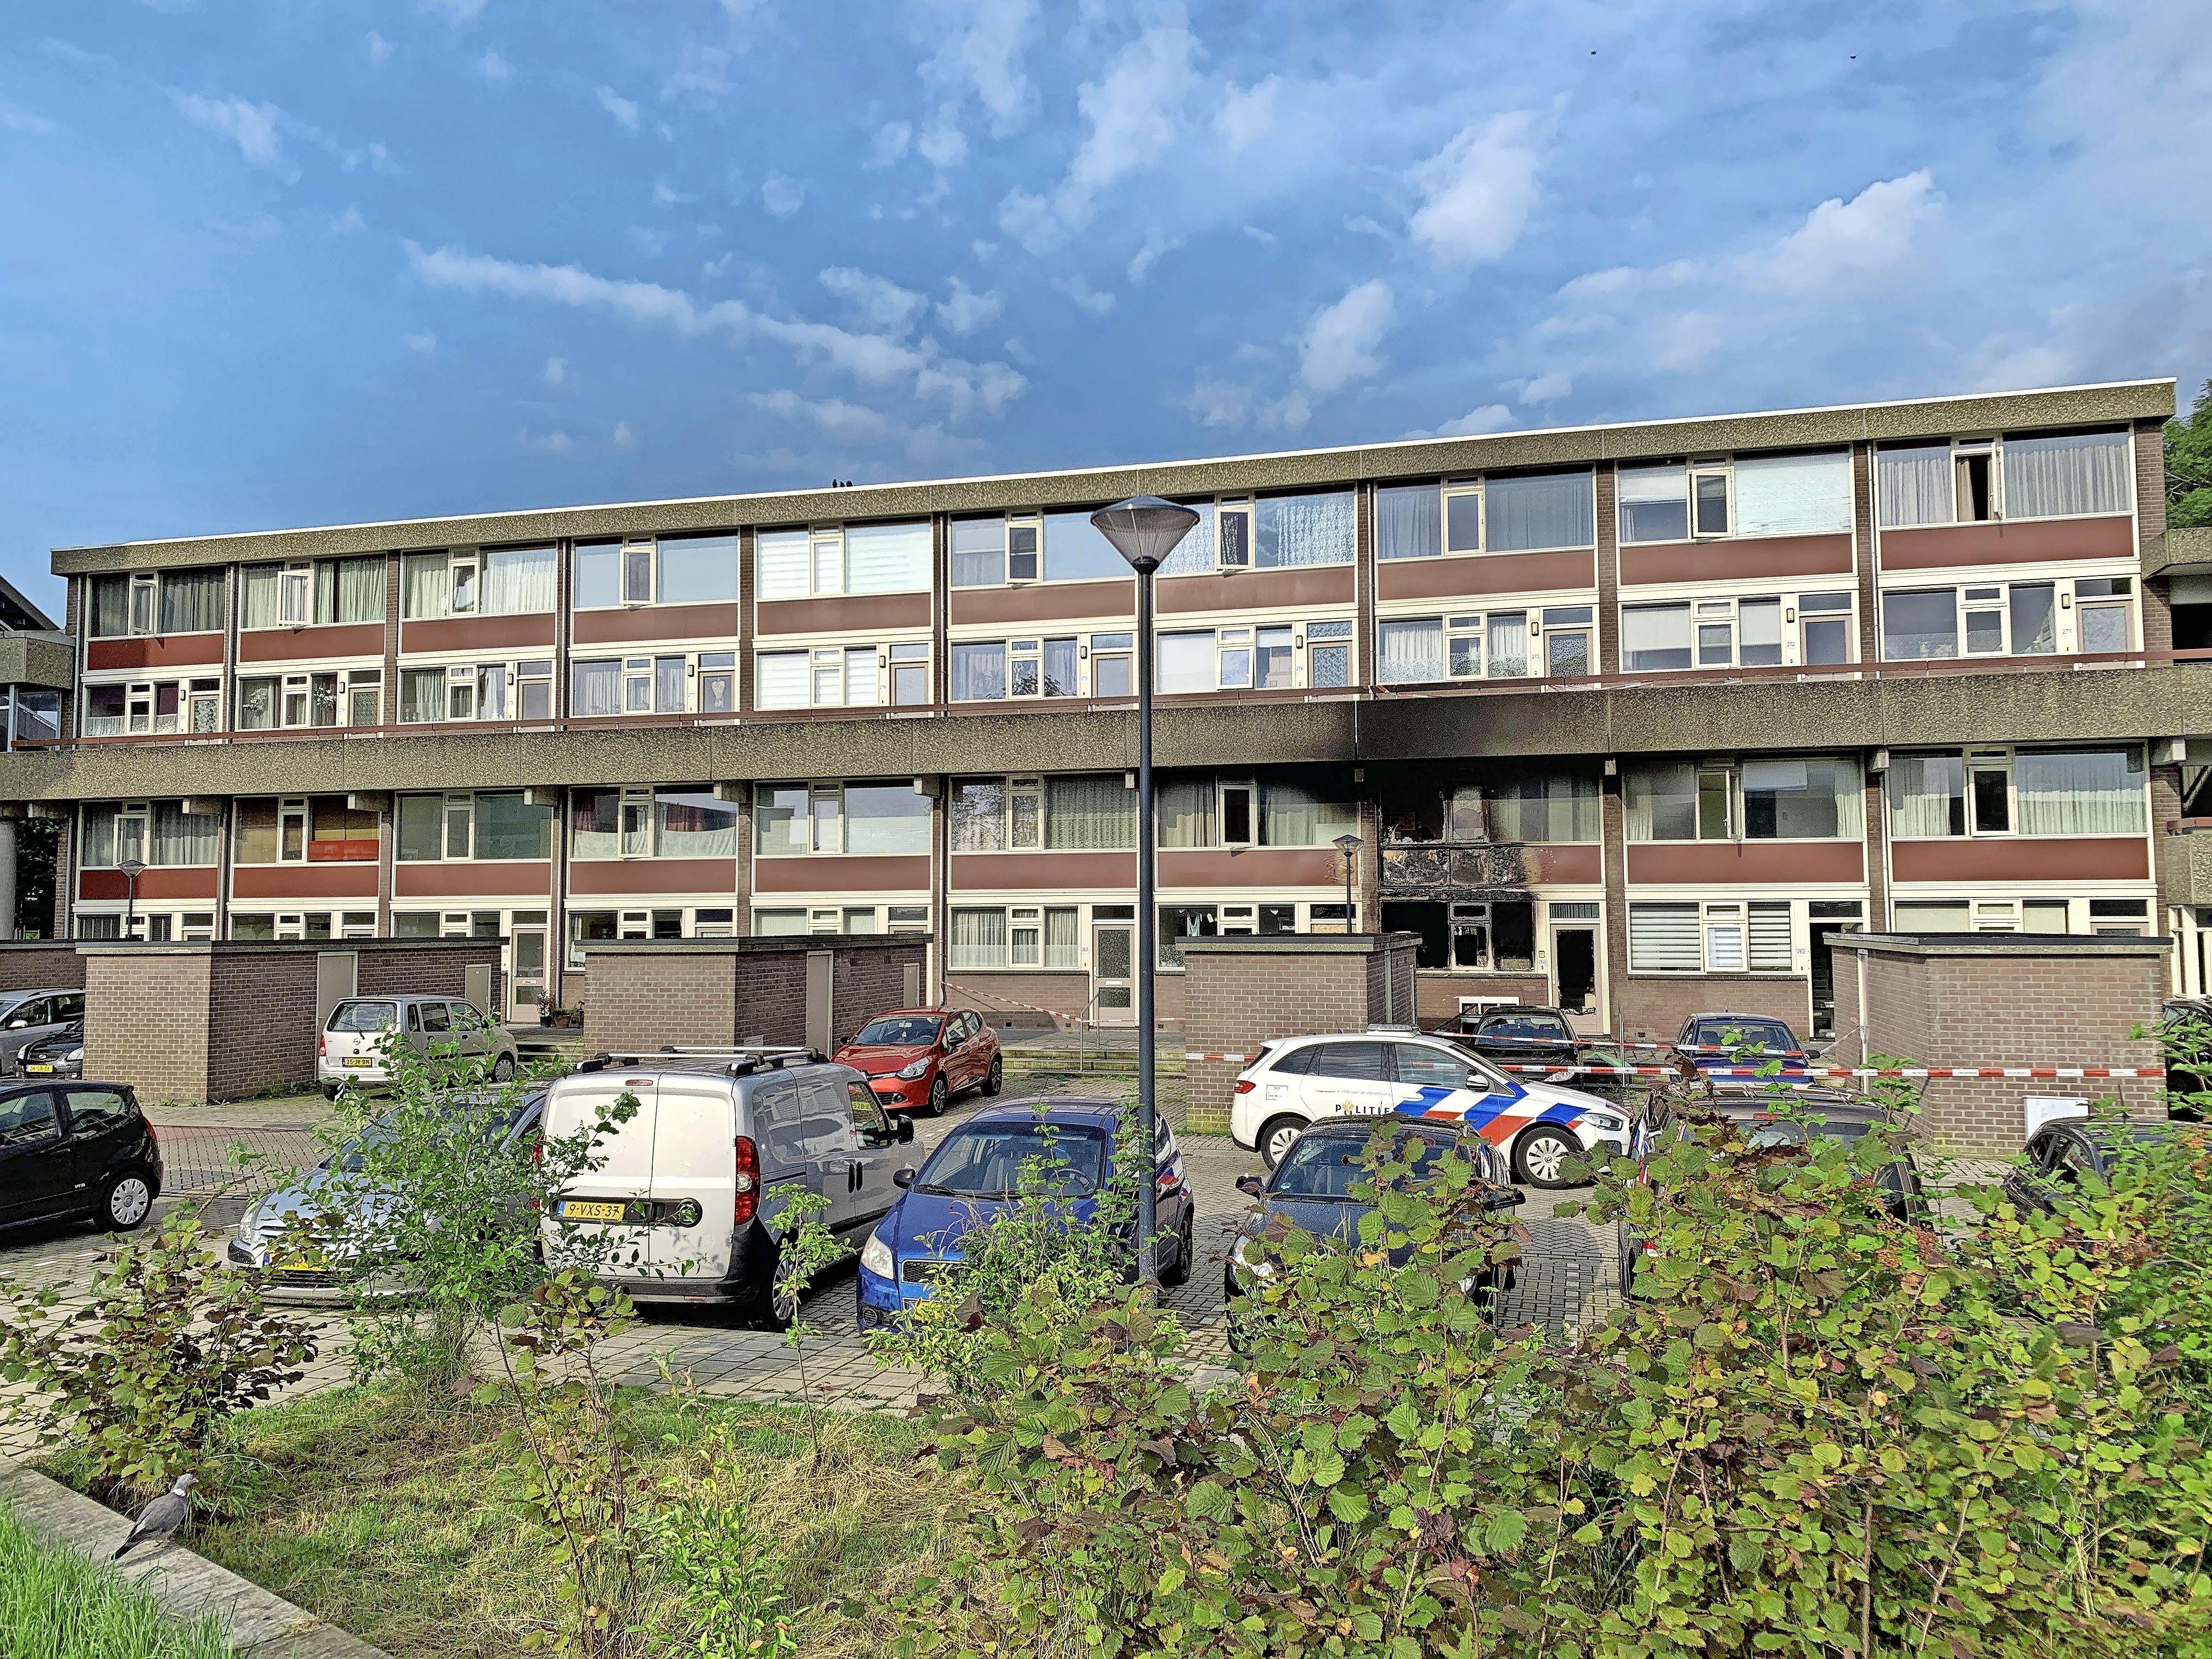 Politie onderzoekt brandstichting in flat Hoorn: 'Nog te vroeg om er iets over te zeggen'